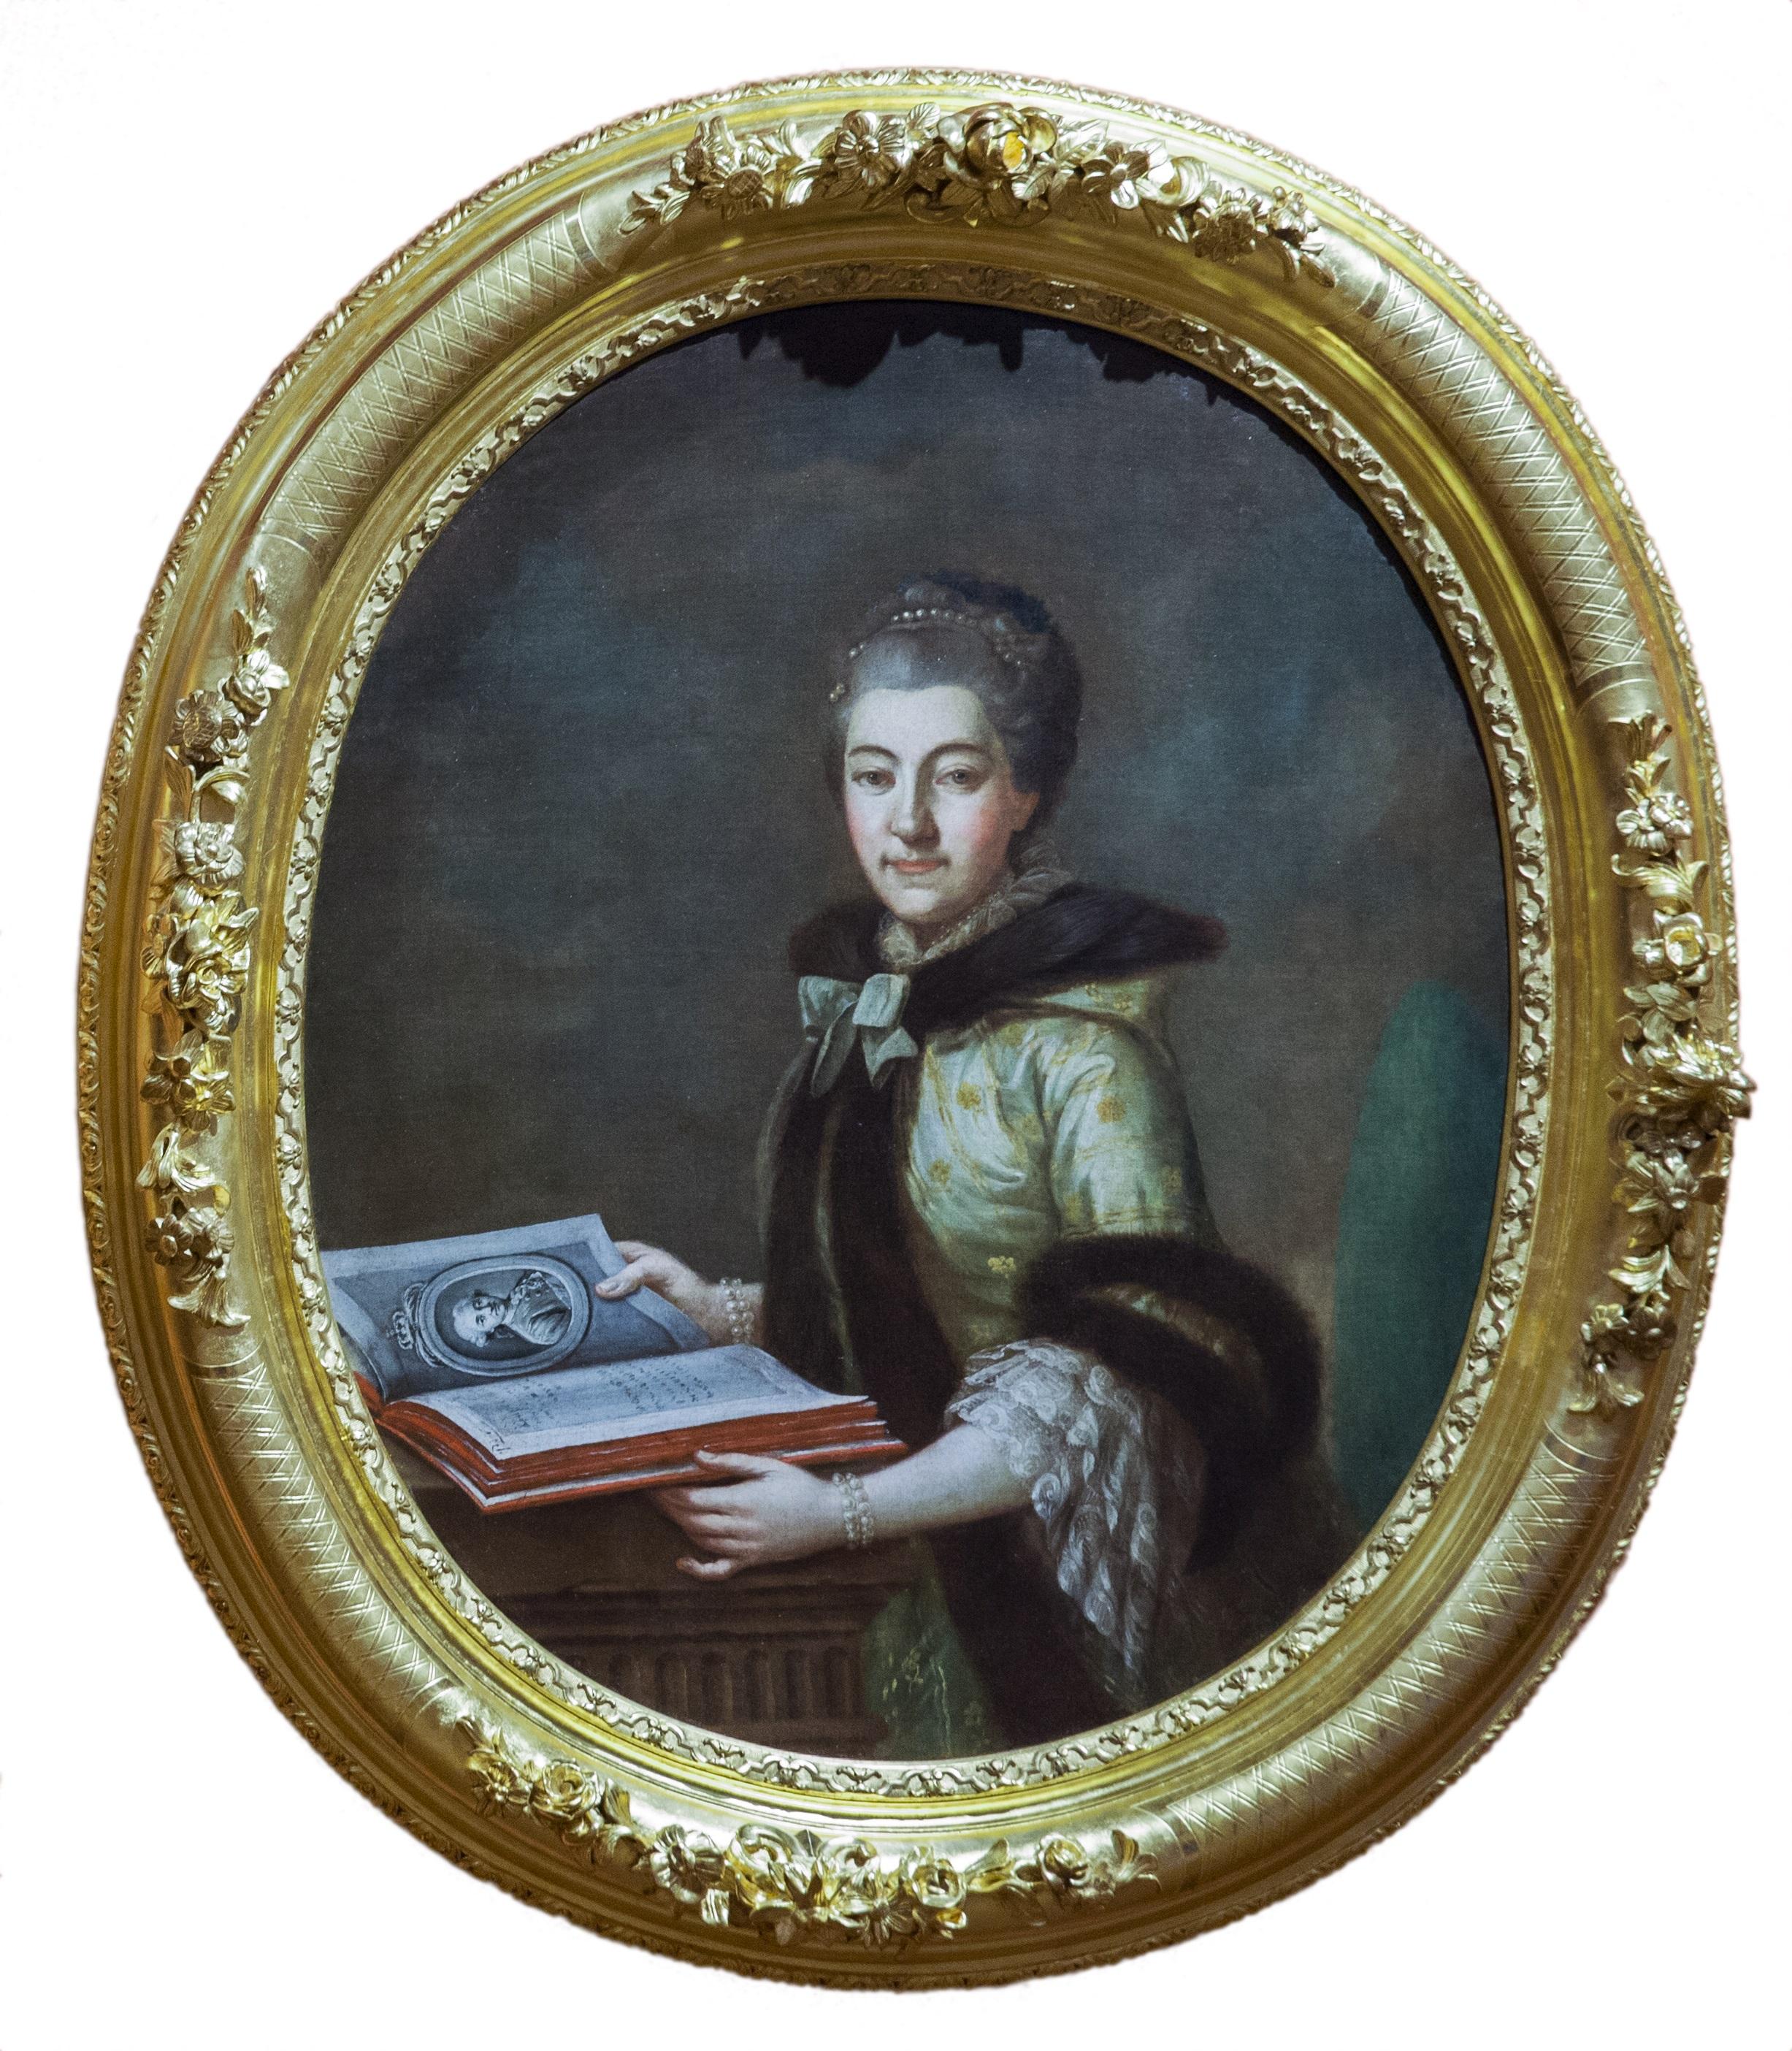 Na owalnym obrazie w pozłacanej ramie widać kobietę w średnim wieku, Izabelę Branicką. Trzyma otwartą książkę.